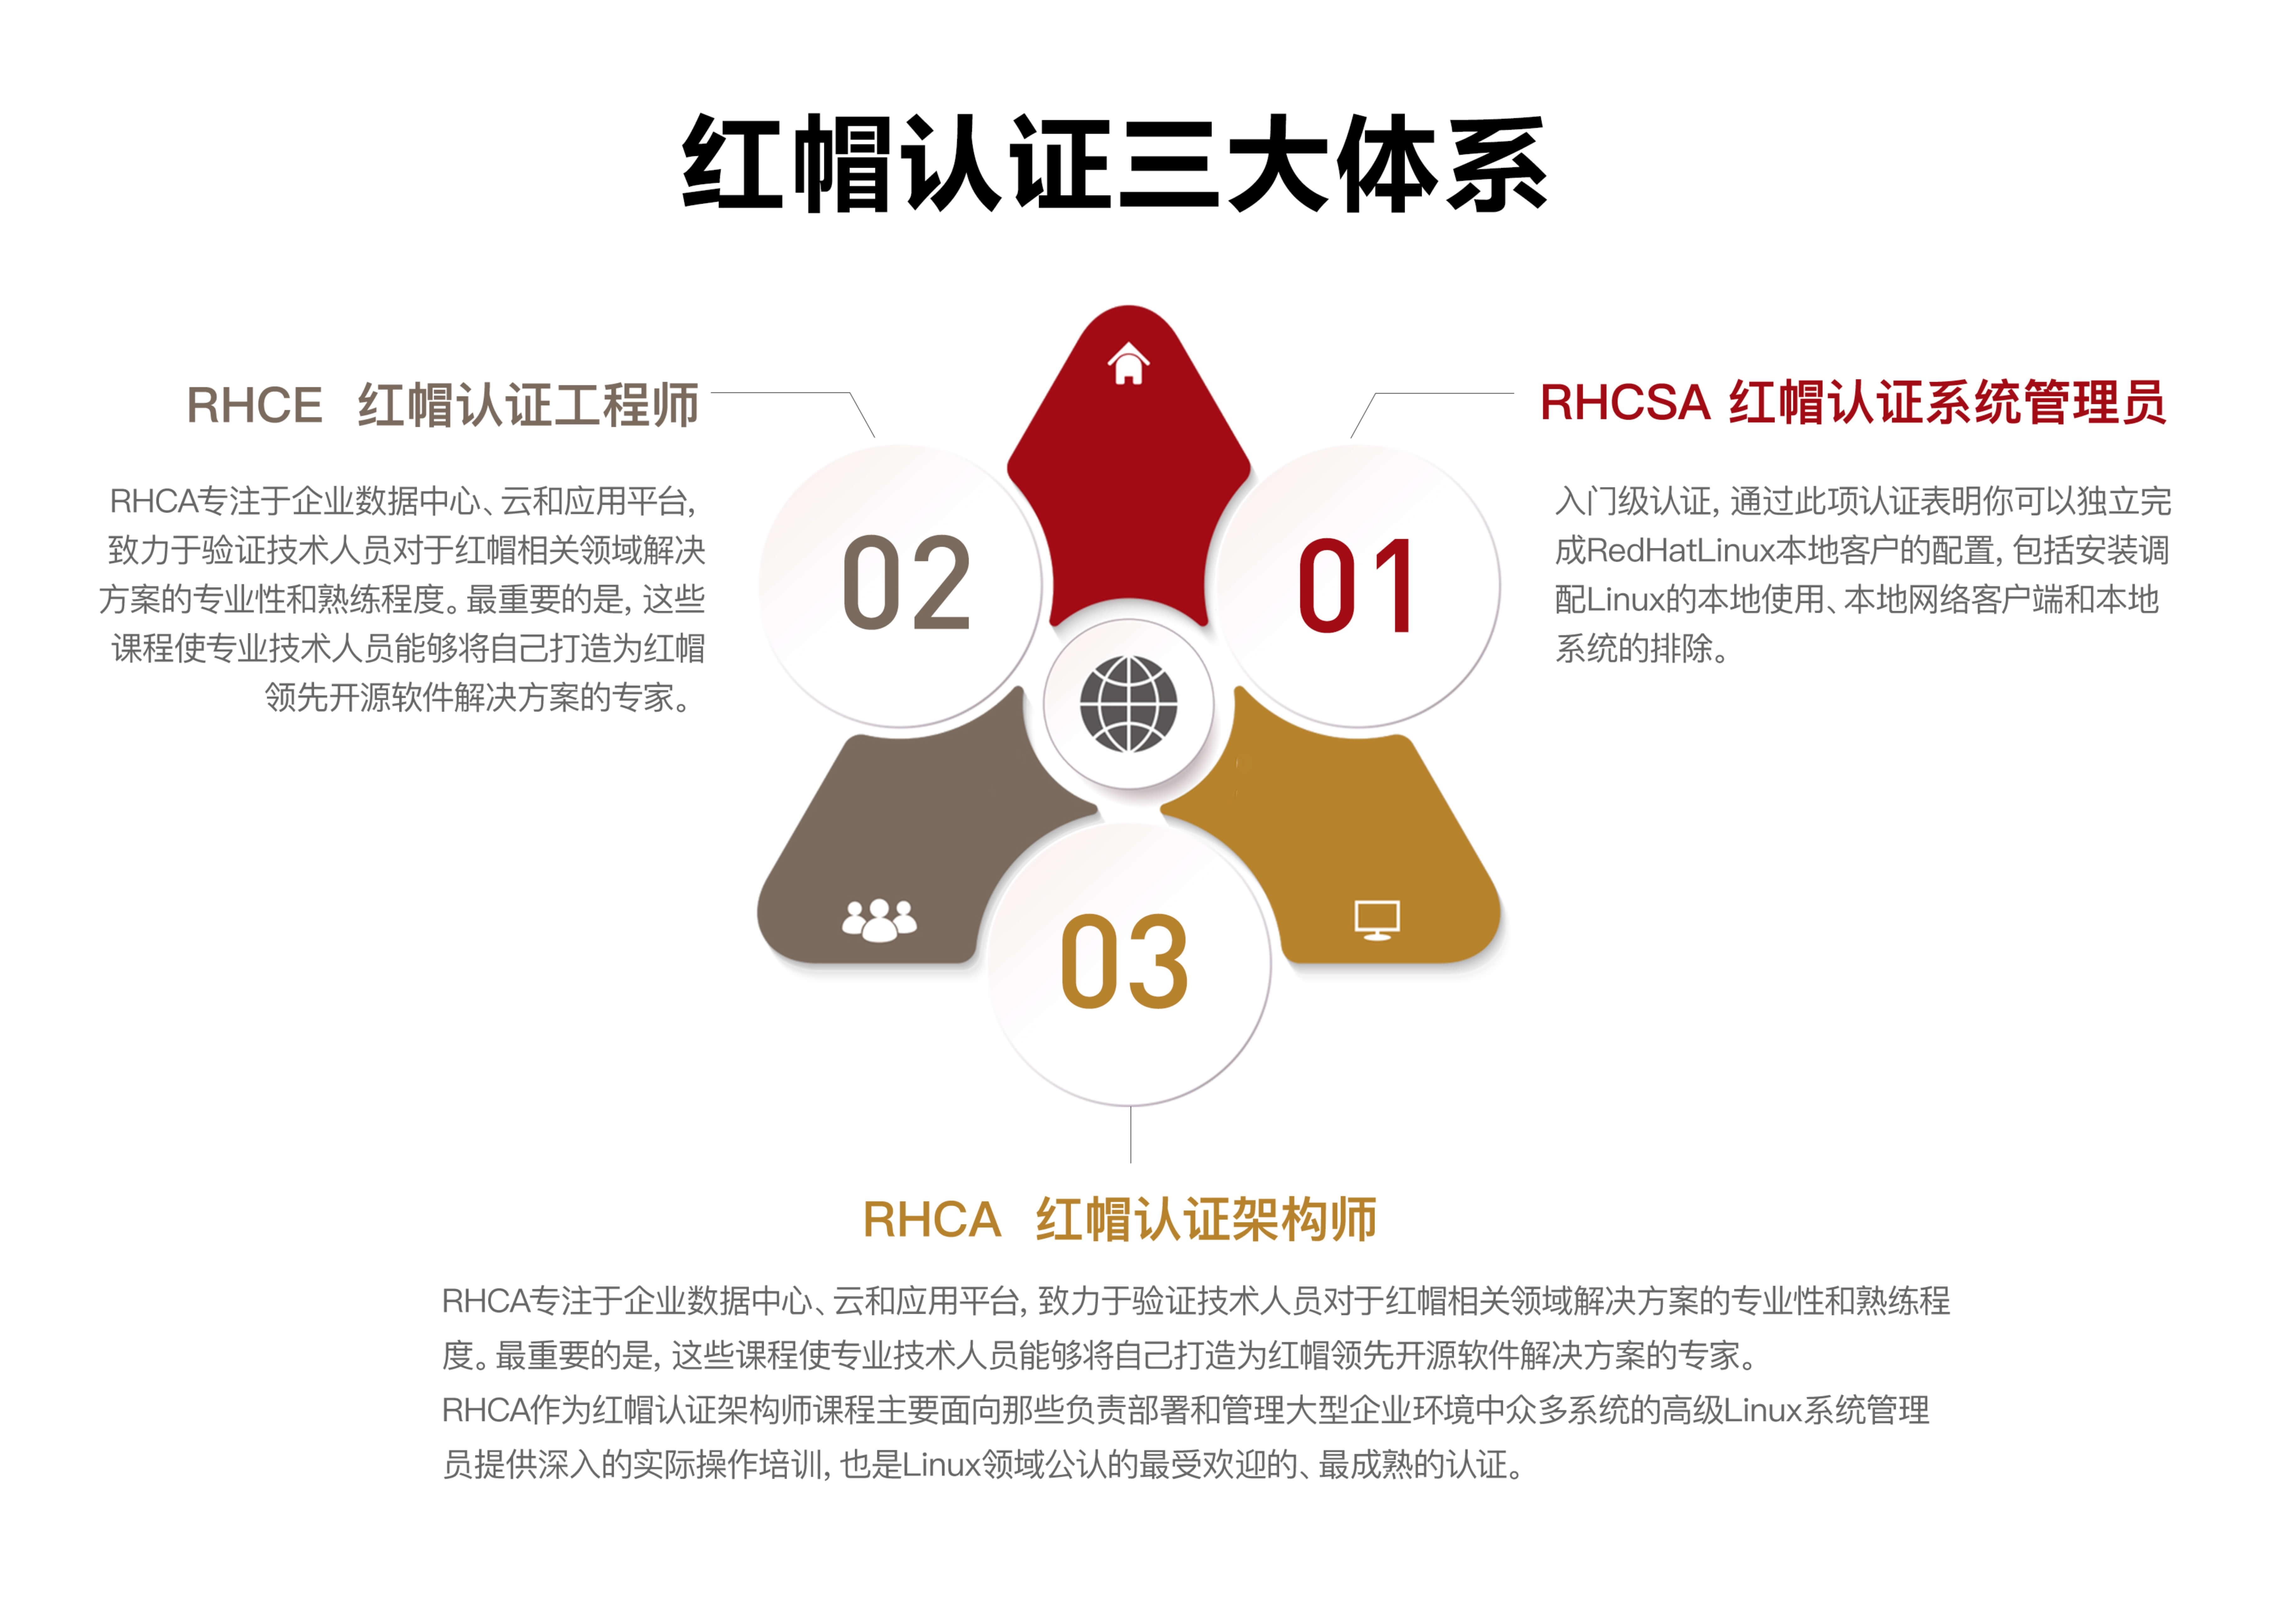 红帽认证三大体系